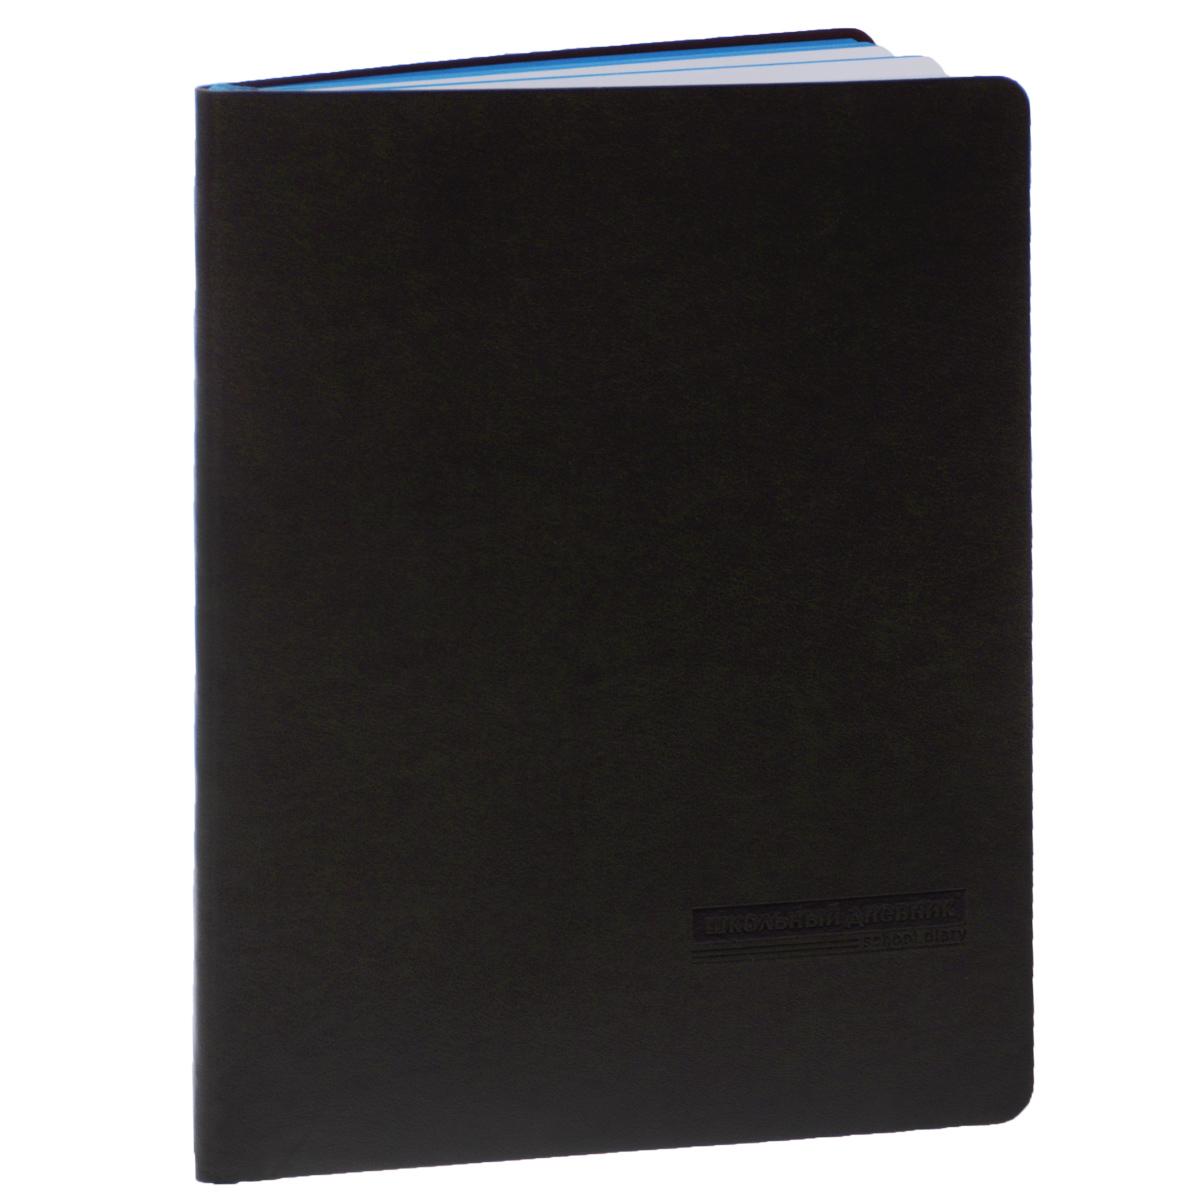 Дневник школьный Альт Mercury, 96 листов, формат А5, цвет: серый72523WDЛиния дневников Mercury - это продукция наивысшего качества, оформленная в стиле ежедневников. Тонированный в голубой цвет обрез и такое же двойное ляссе. На закладке закреплен шильдик из серебристого металла.Страницы в блоке на сшивке. Листы сделаны из высококачественного офсета повышенной плотности.В структуру дневника входят все необходимые разделы: информация о школе и педагогах, расписание занятий и факультативов по четвертям.Рекомендуемый возраст: 6+.